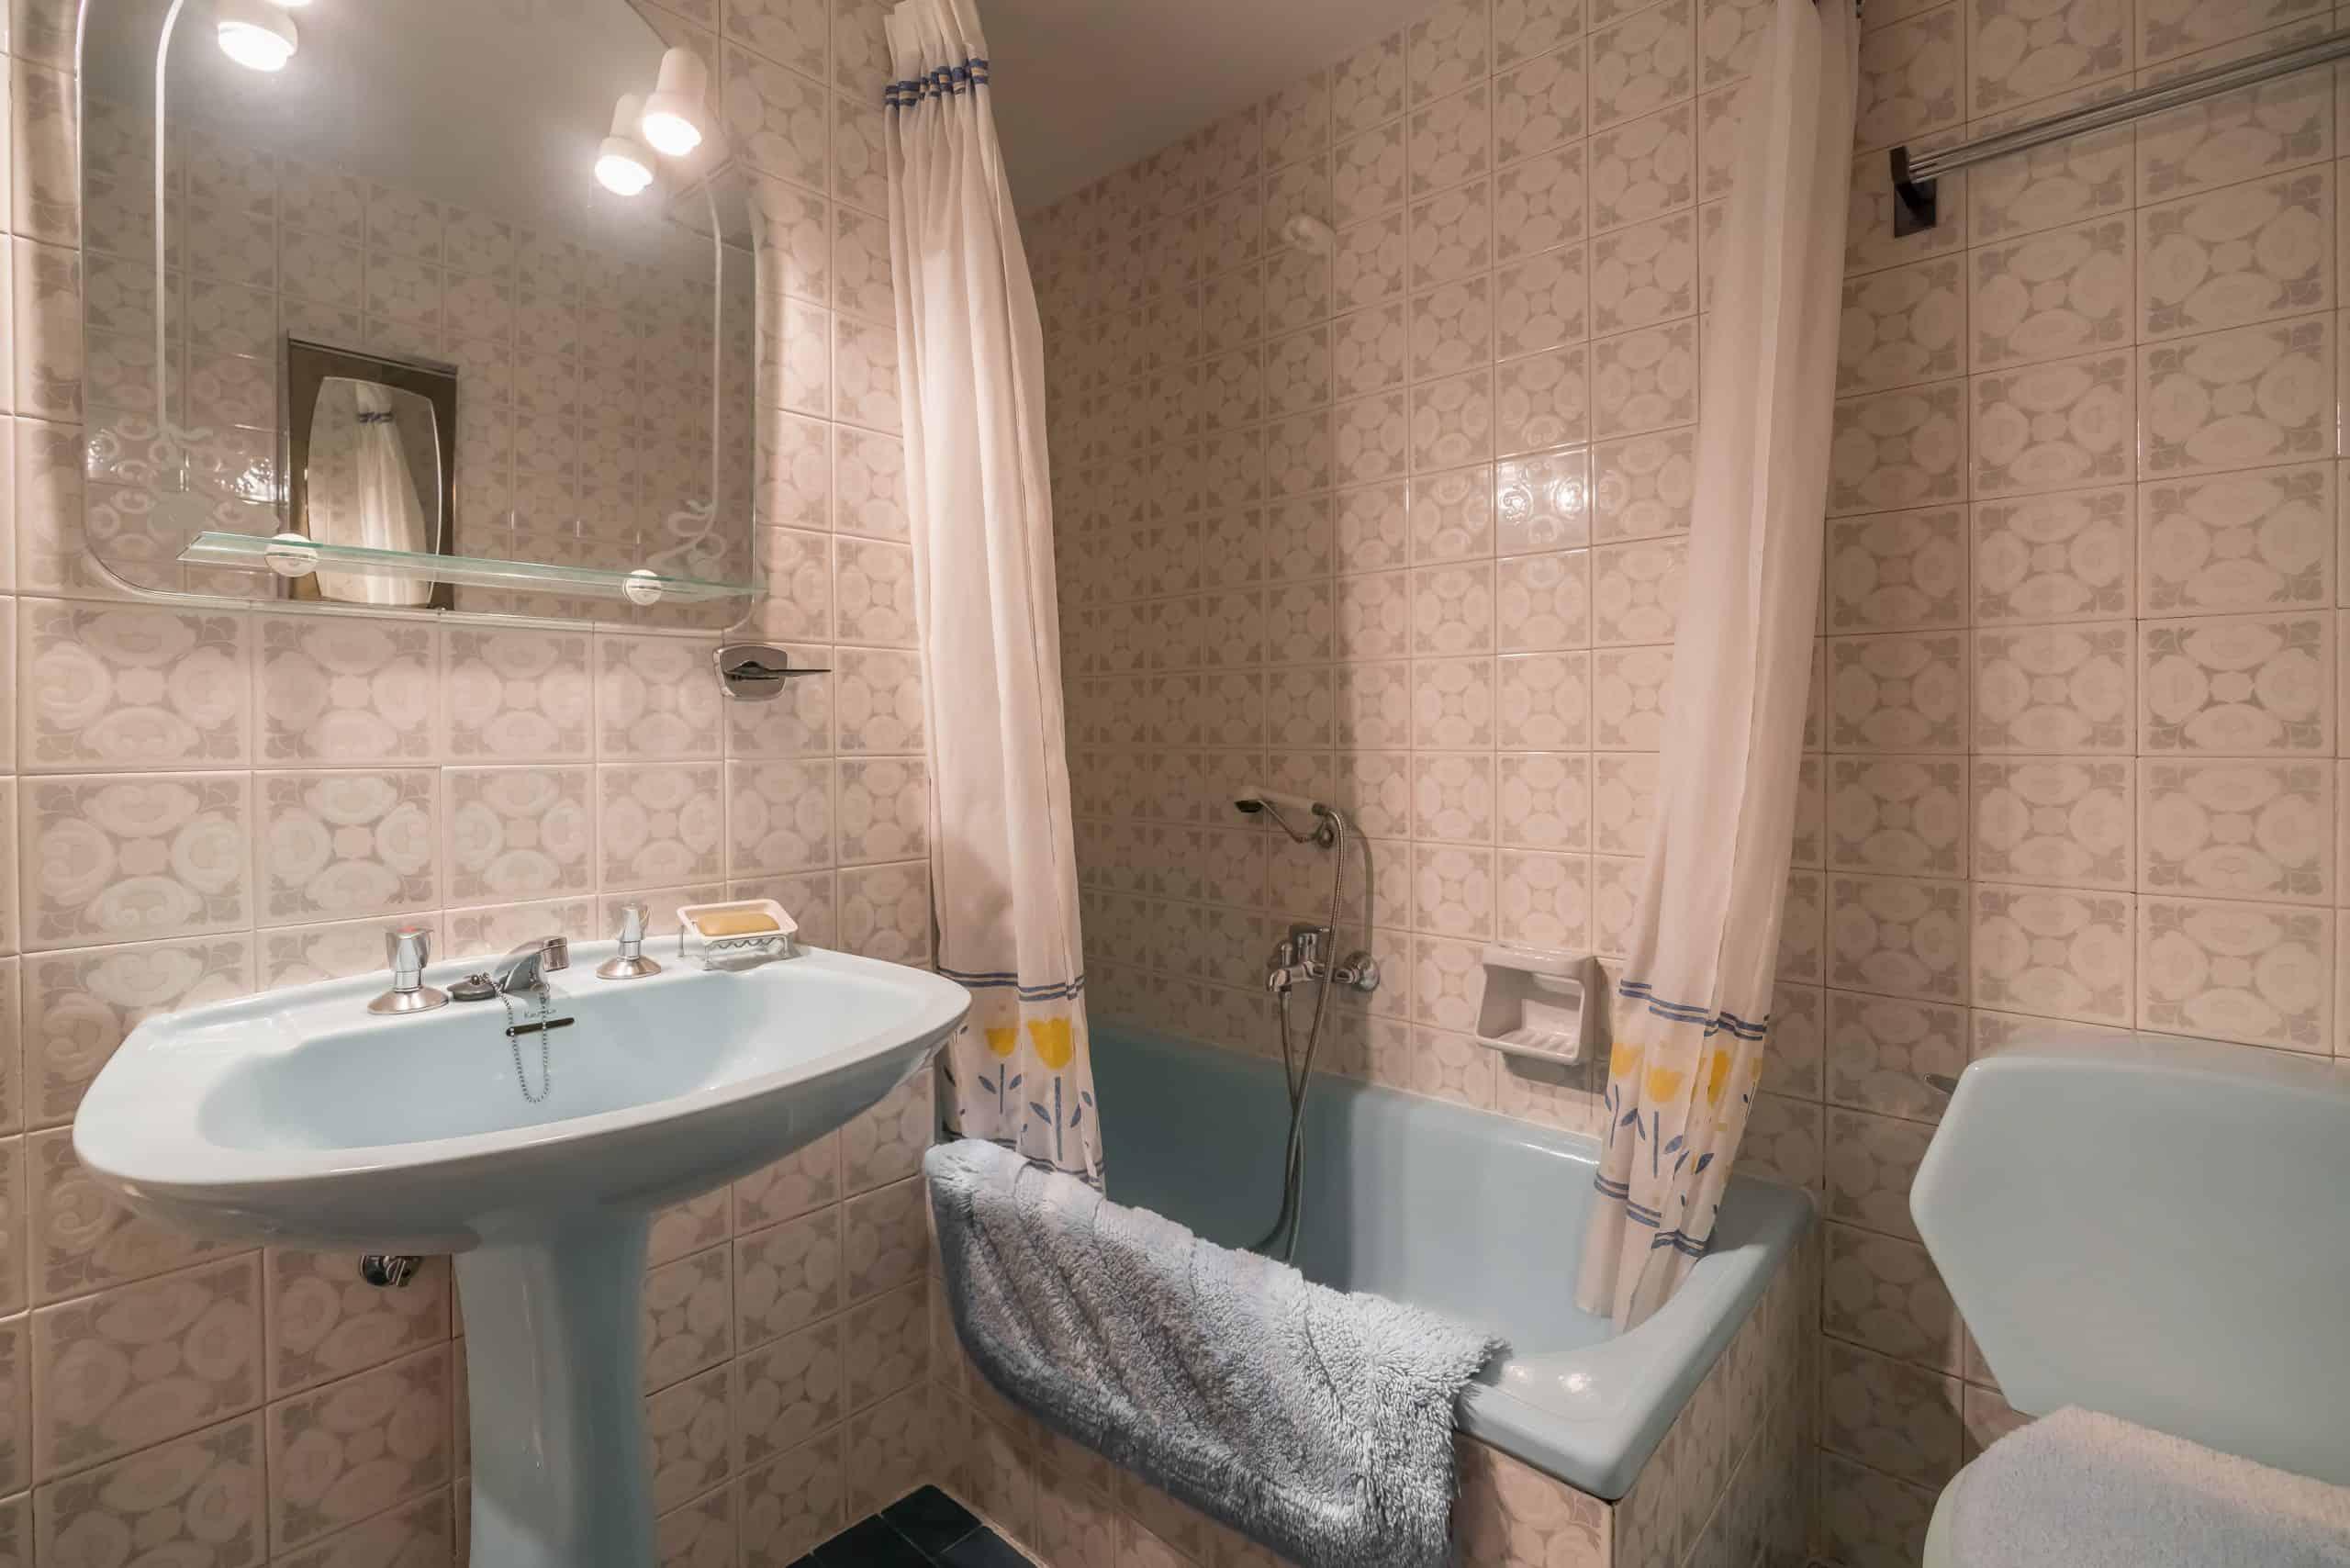 Agencia Inmobiliaria de Madrid-FUTUROCASA-Zona ARGANZUELA-EMBAJADORES-LEGAZPI -calle tomas borras- baño prinncipal